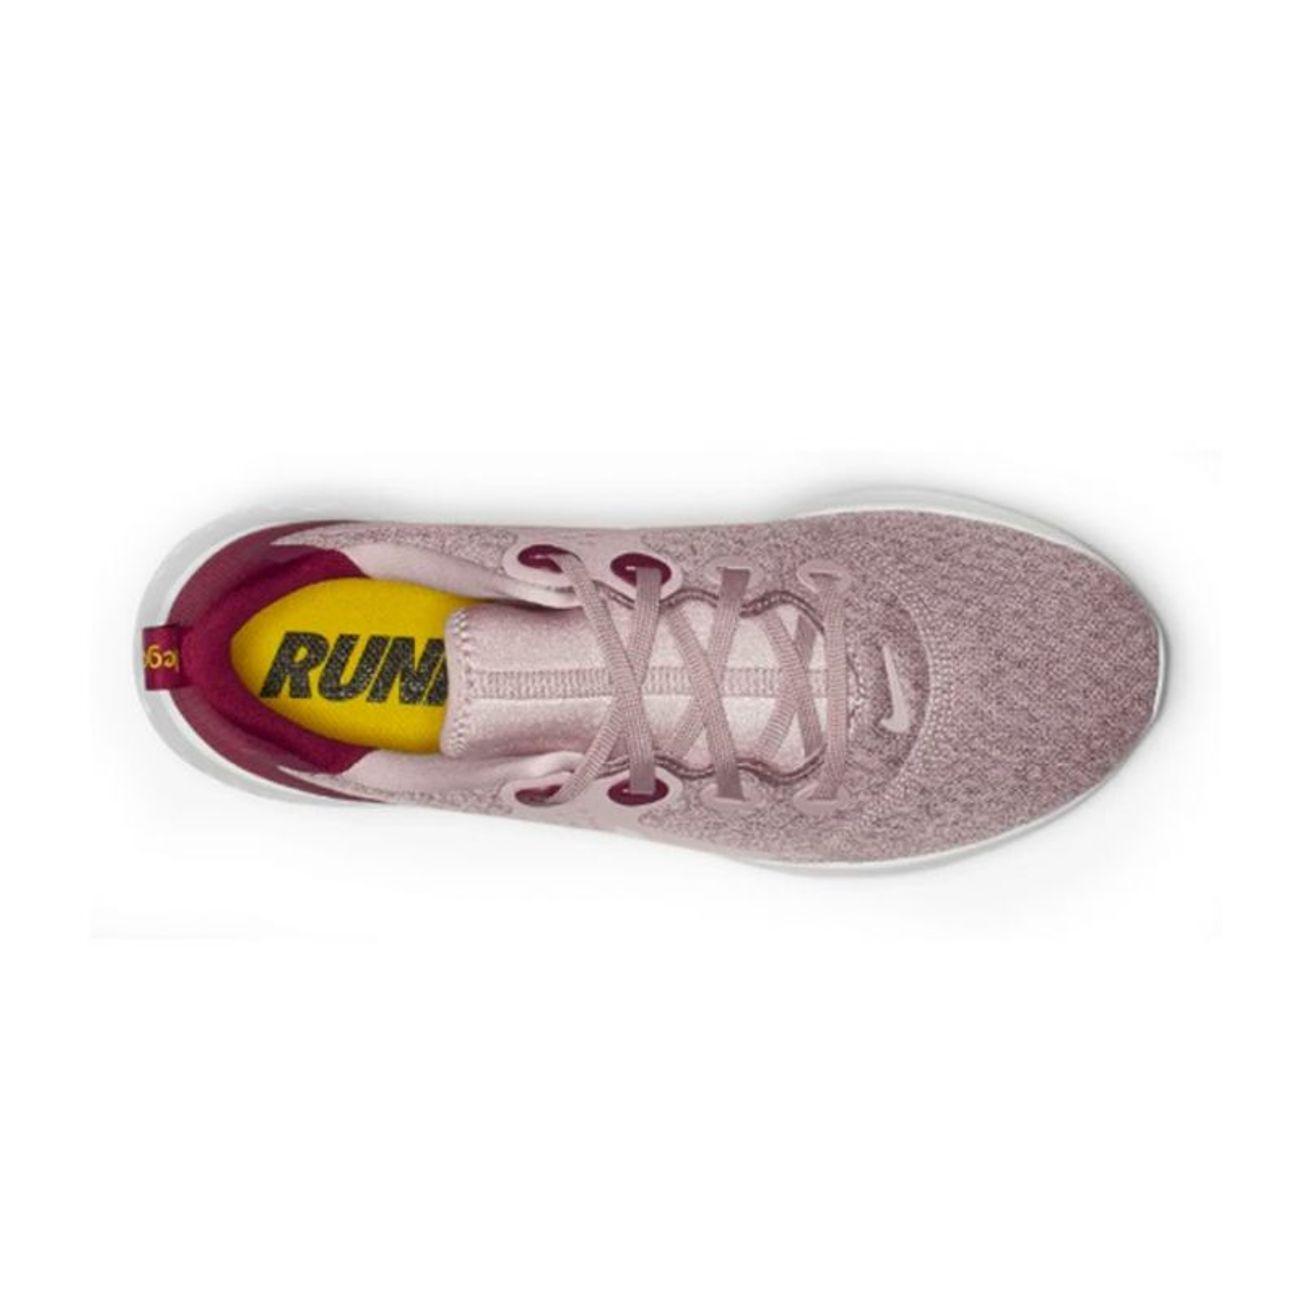 500 Nike Rose Niaa1626 Adulte Rebel Padel React Femme uJ1Fc3KTl